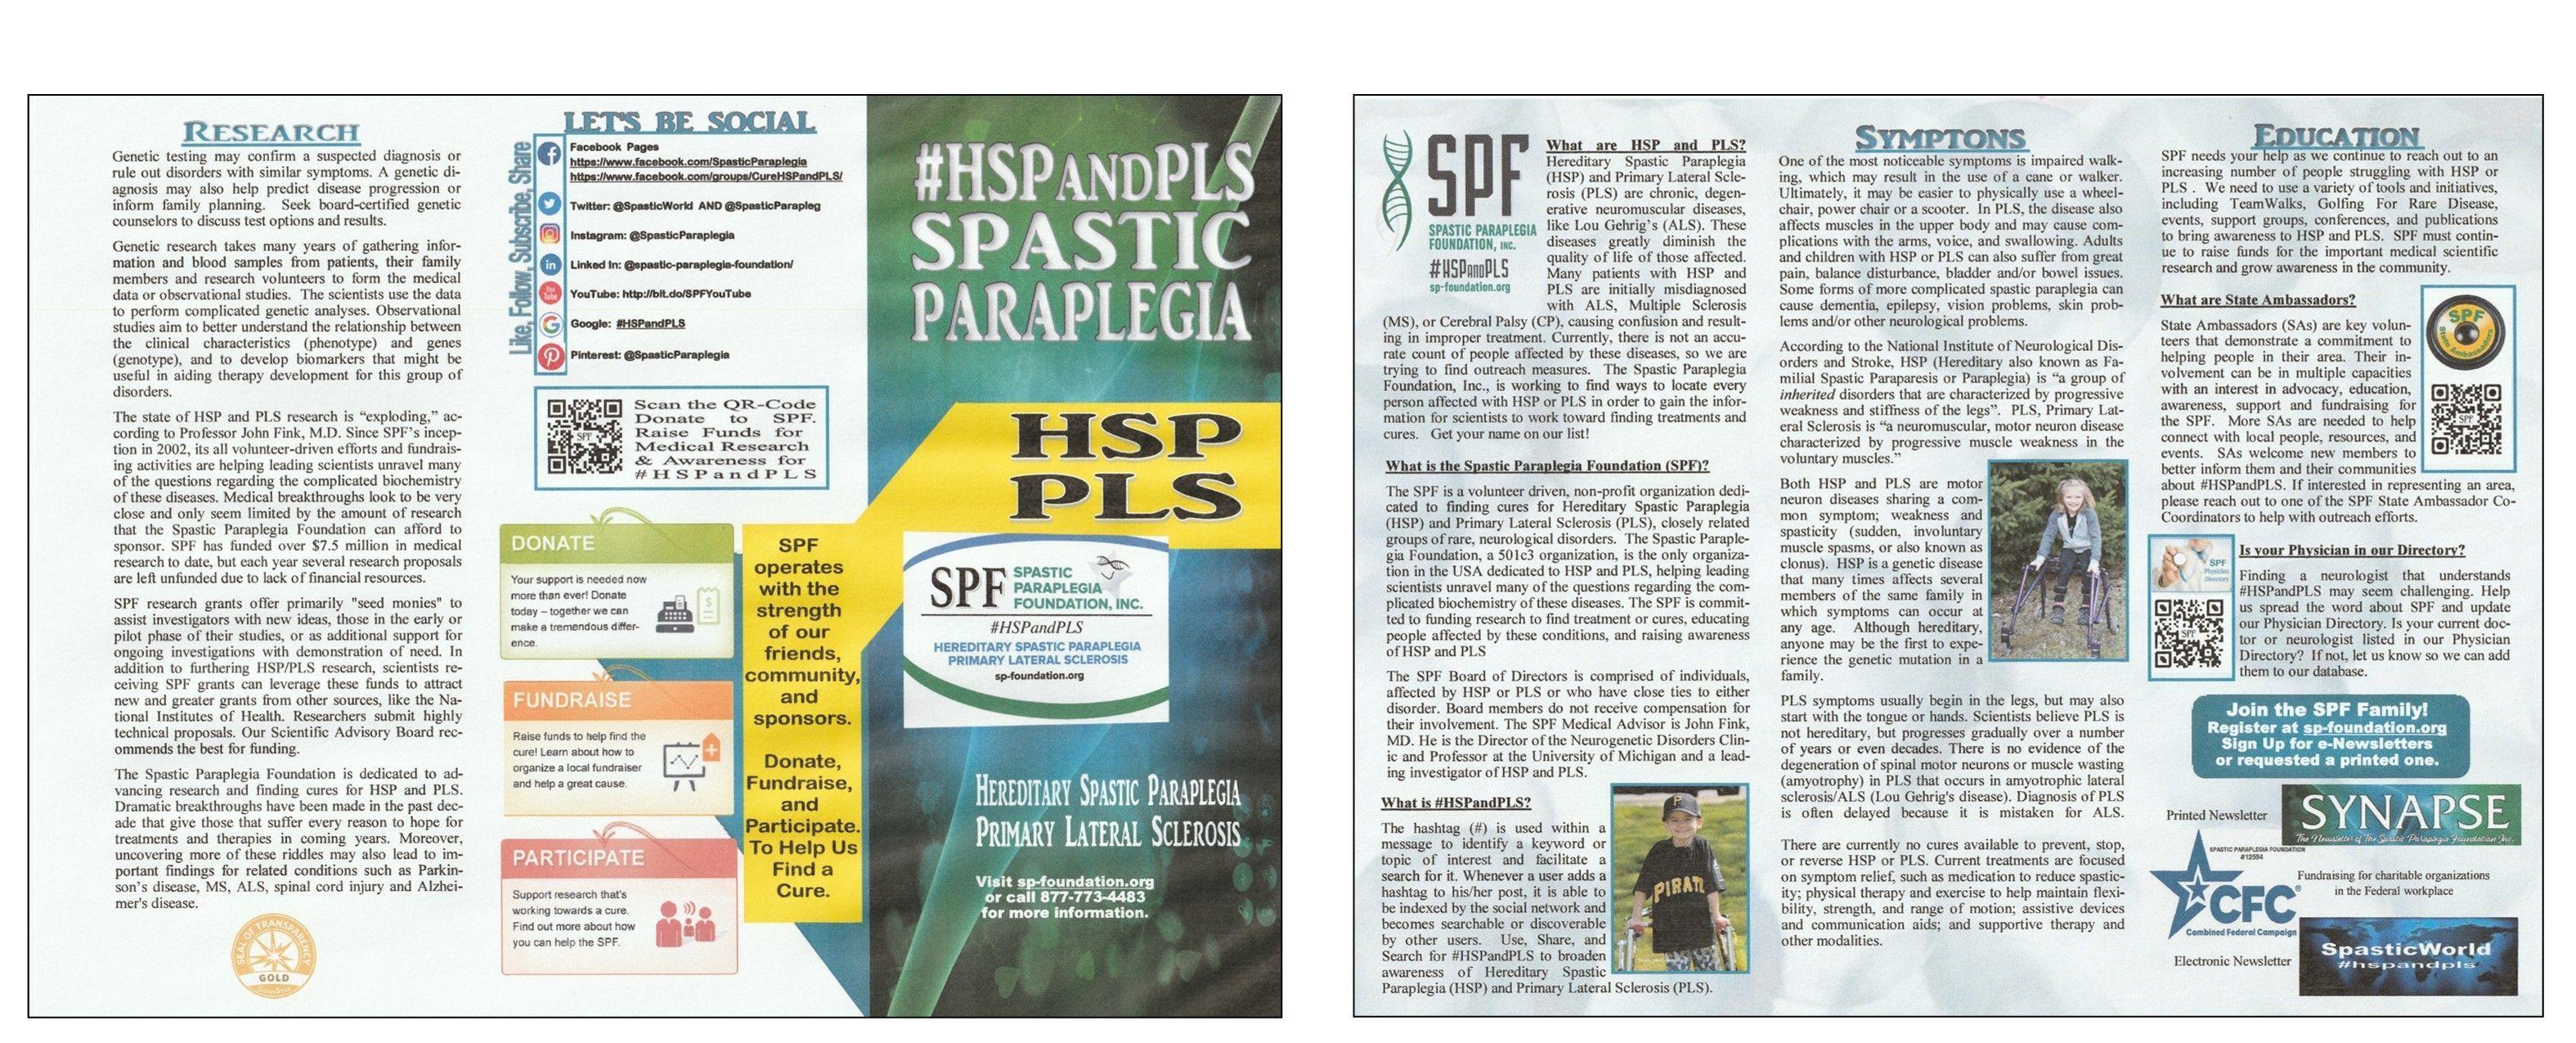 Spastic Paraplegia Foundation Brochure